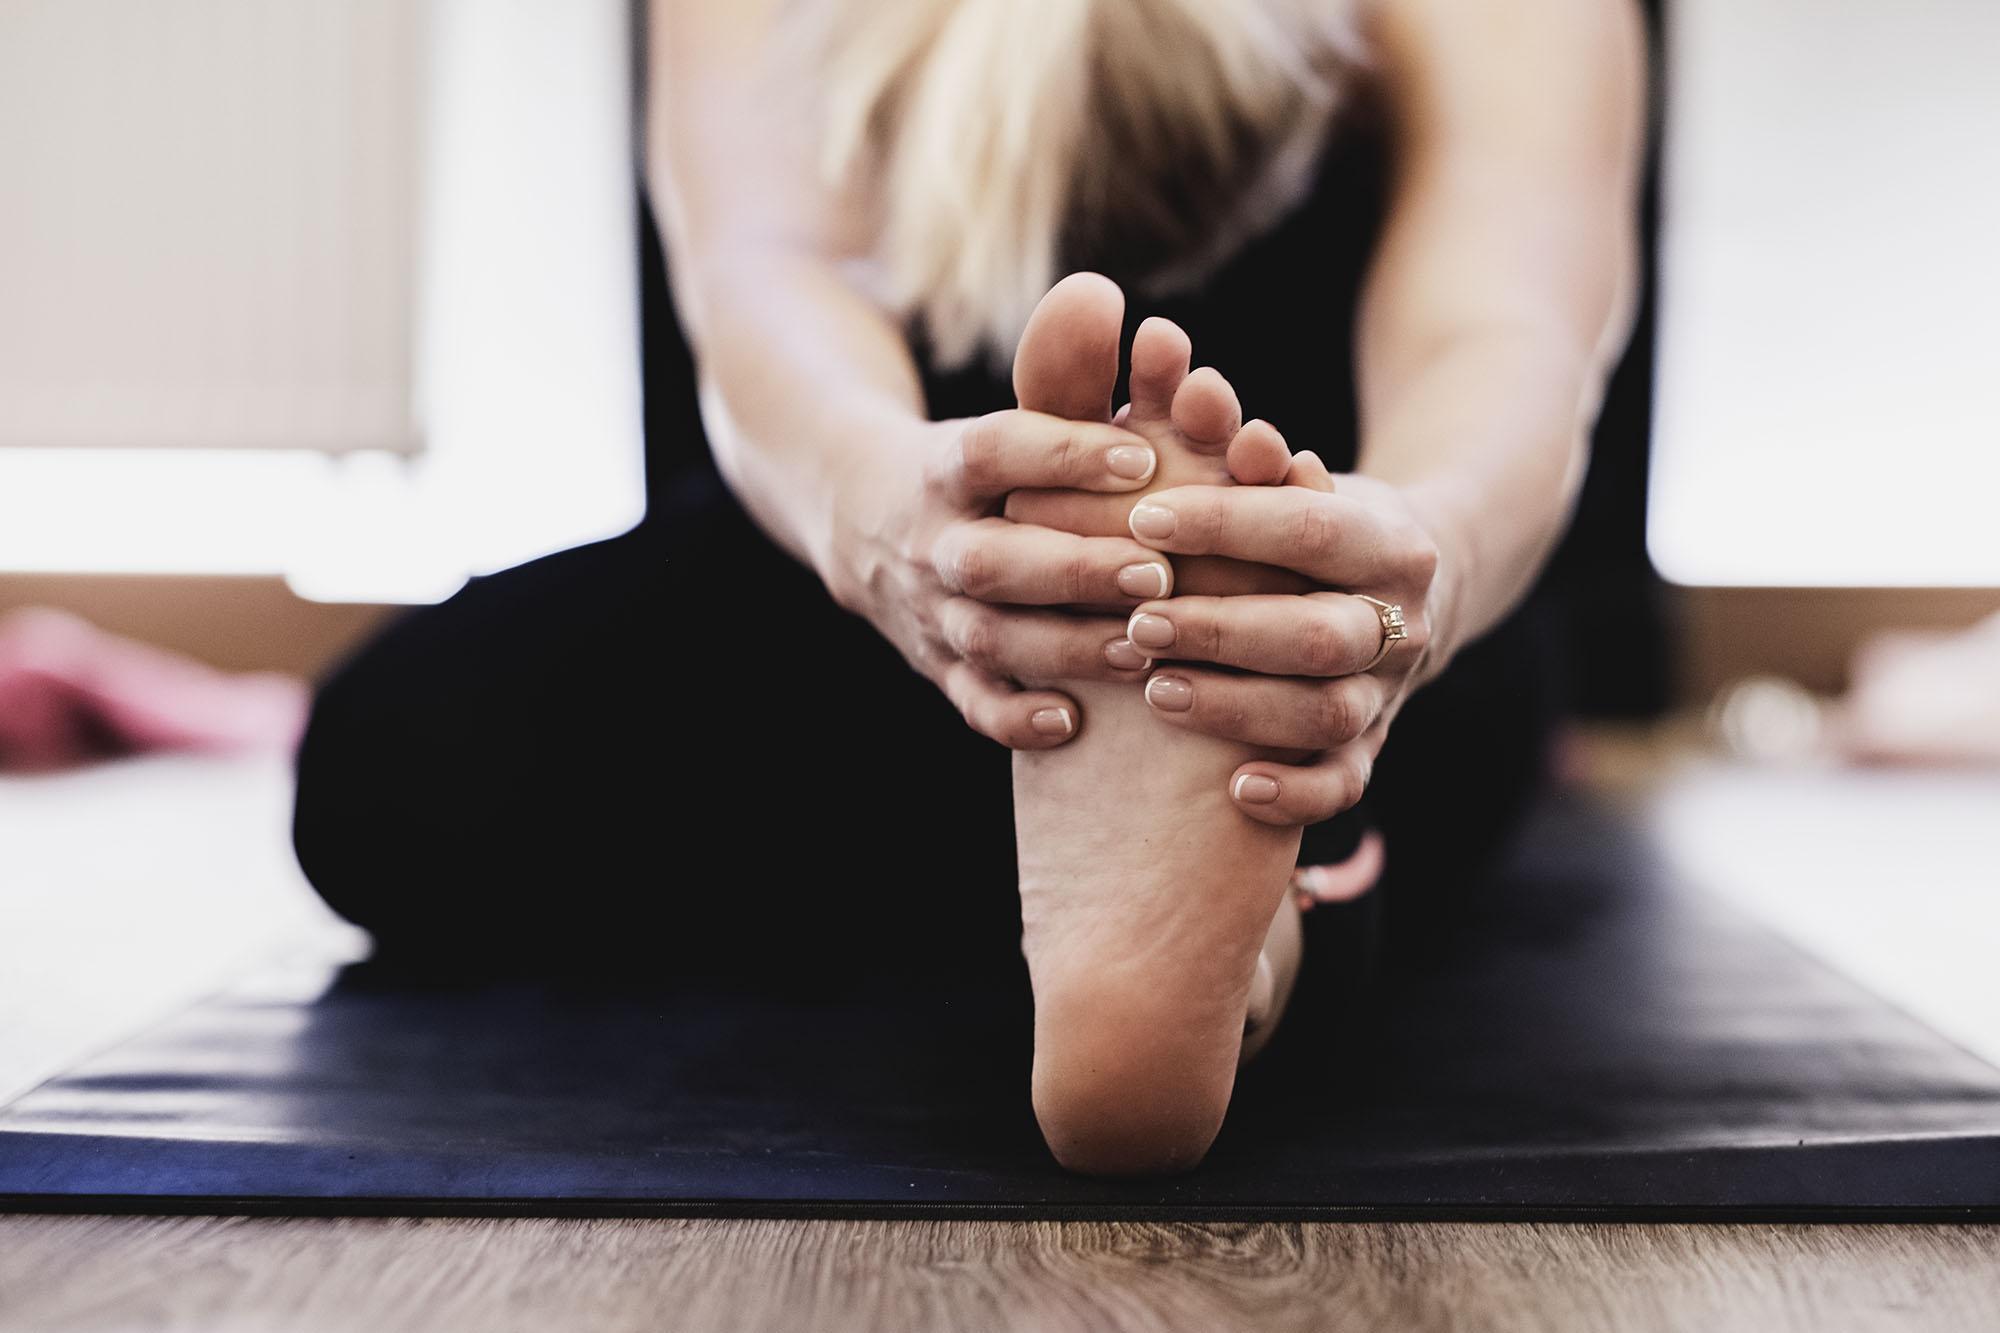 Aštánga jóga – otázky a odpovědi (Mysore)